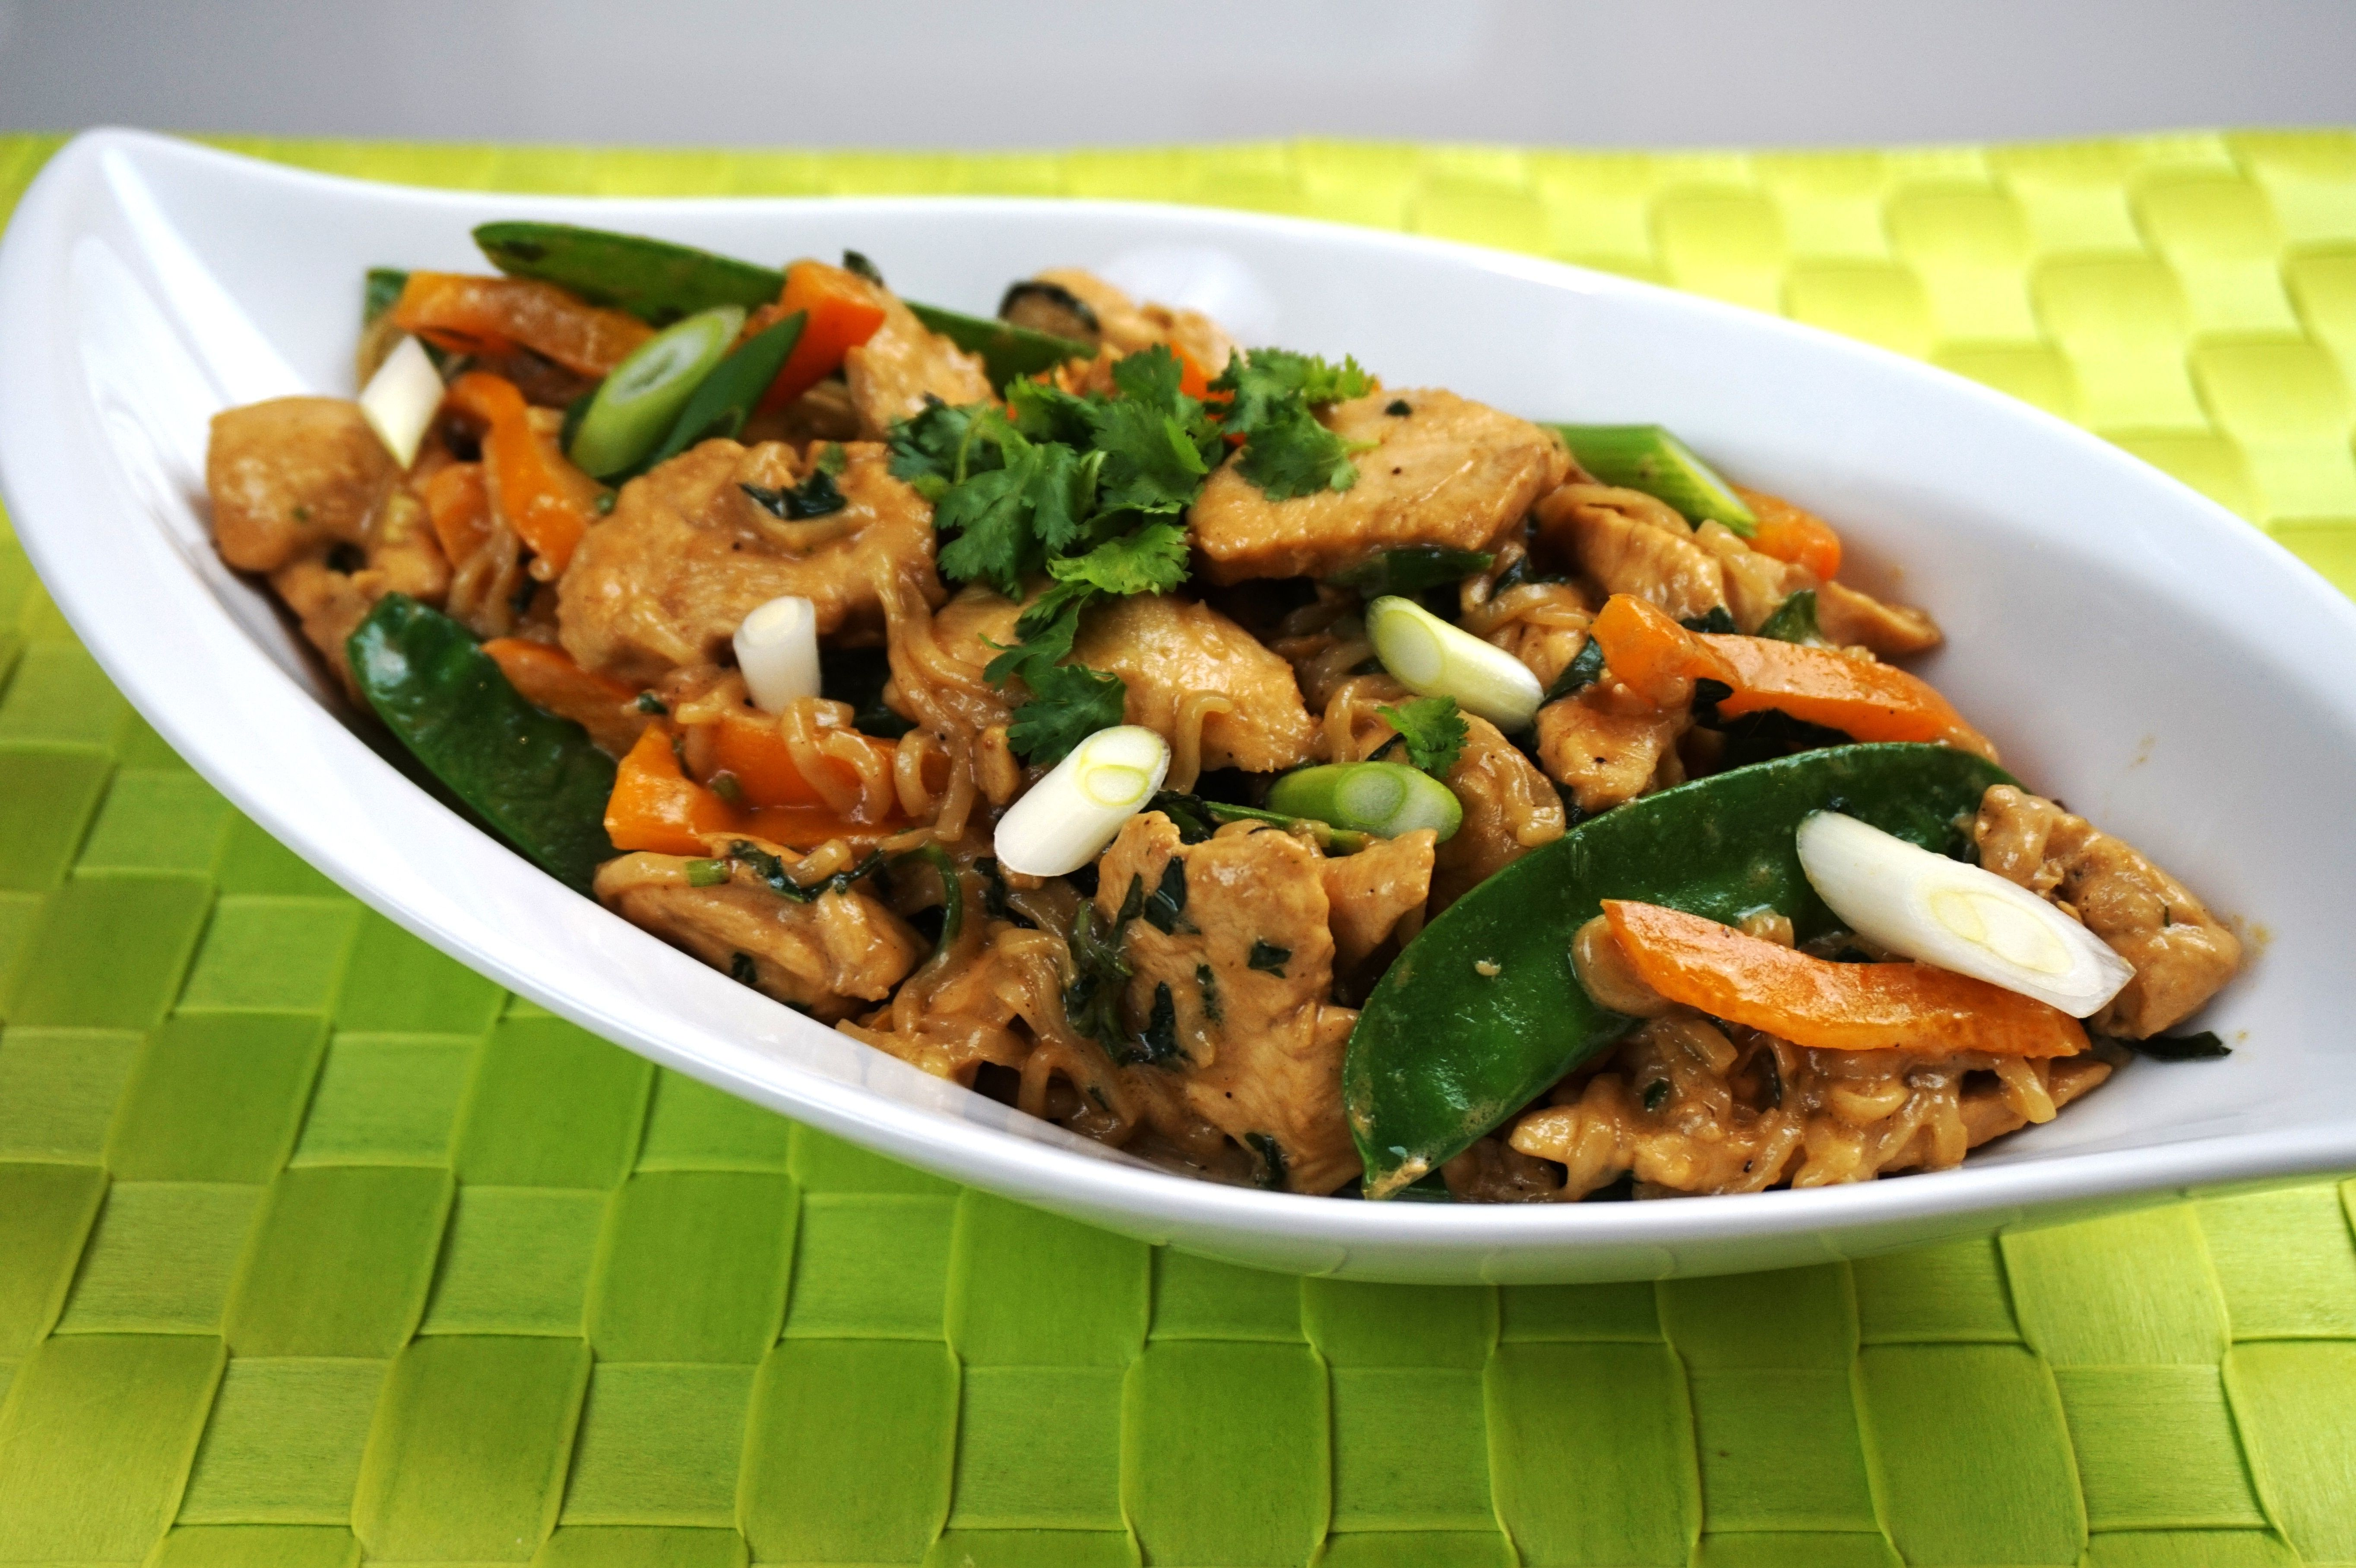 Seam-Kokos-Soße mit Huhn und Nudeln